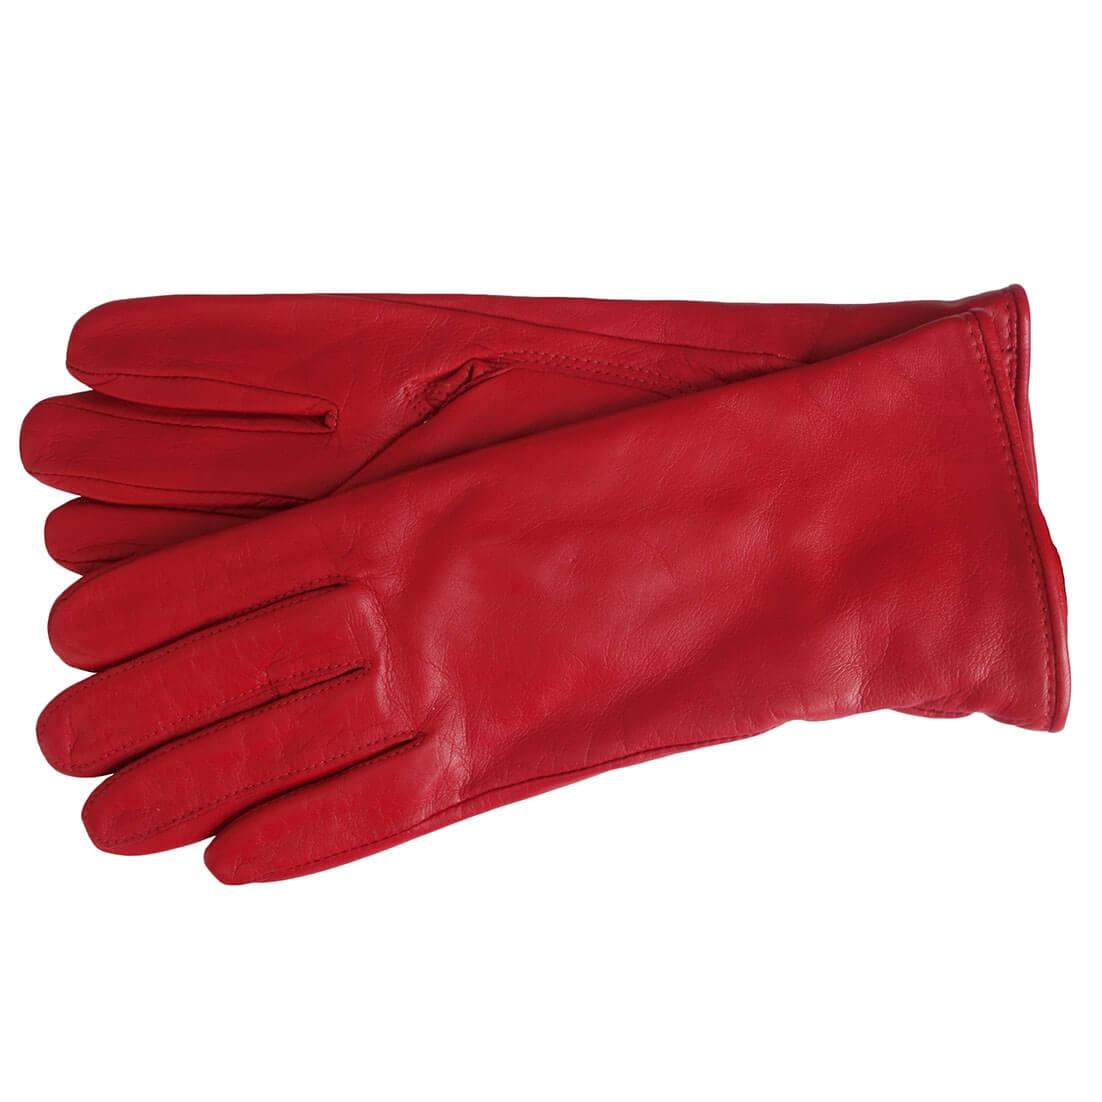 Rode Leren Dames Jas.Laimbock Dames Handschoenen Stafford Rood Maat 7 5 Online Kopen